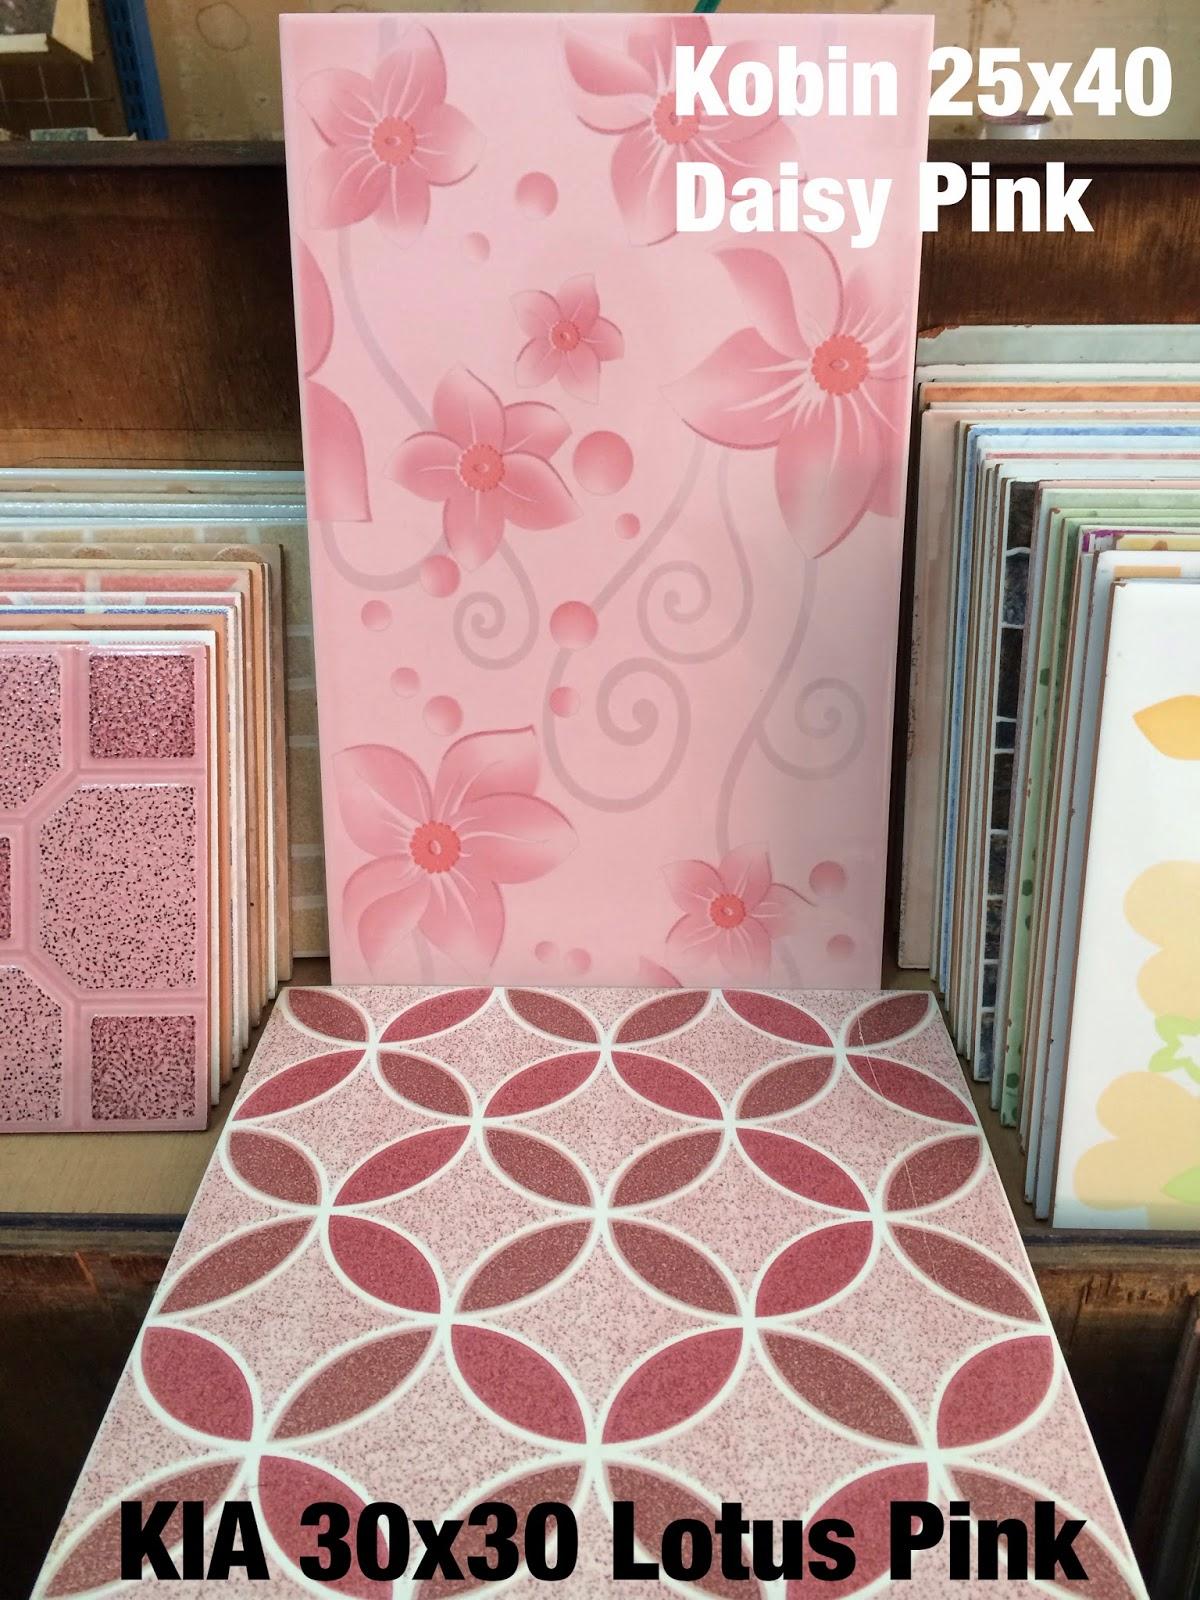 Gambar Keramik Lantai Warna Pink Terbaru | Top Rumah